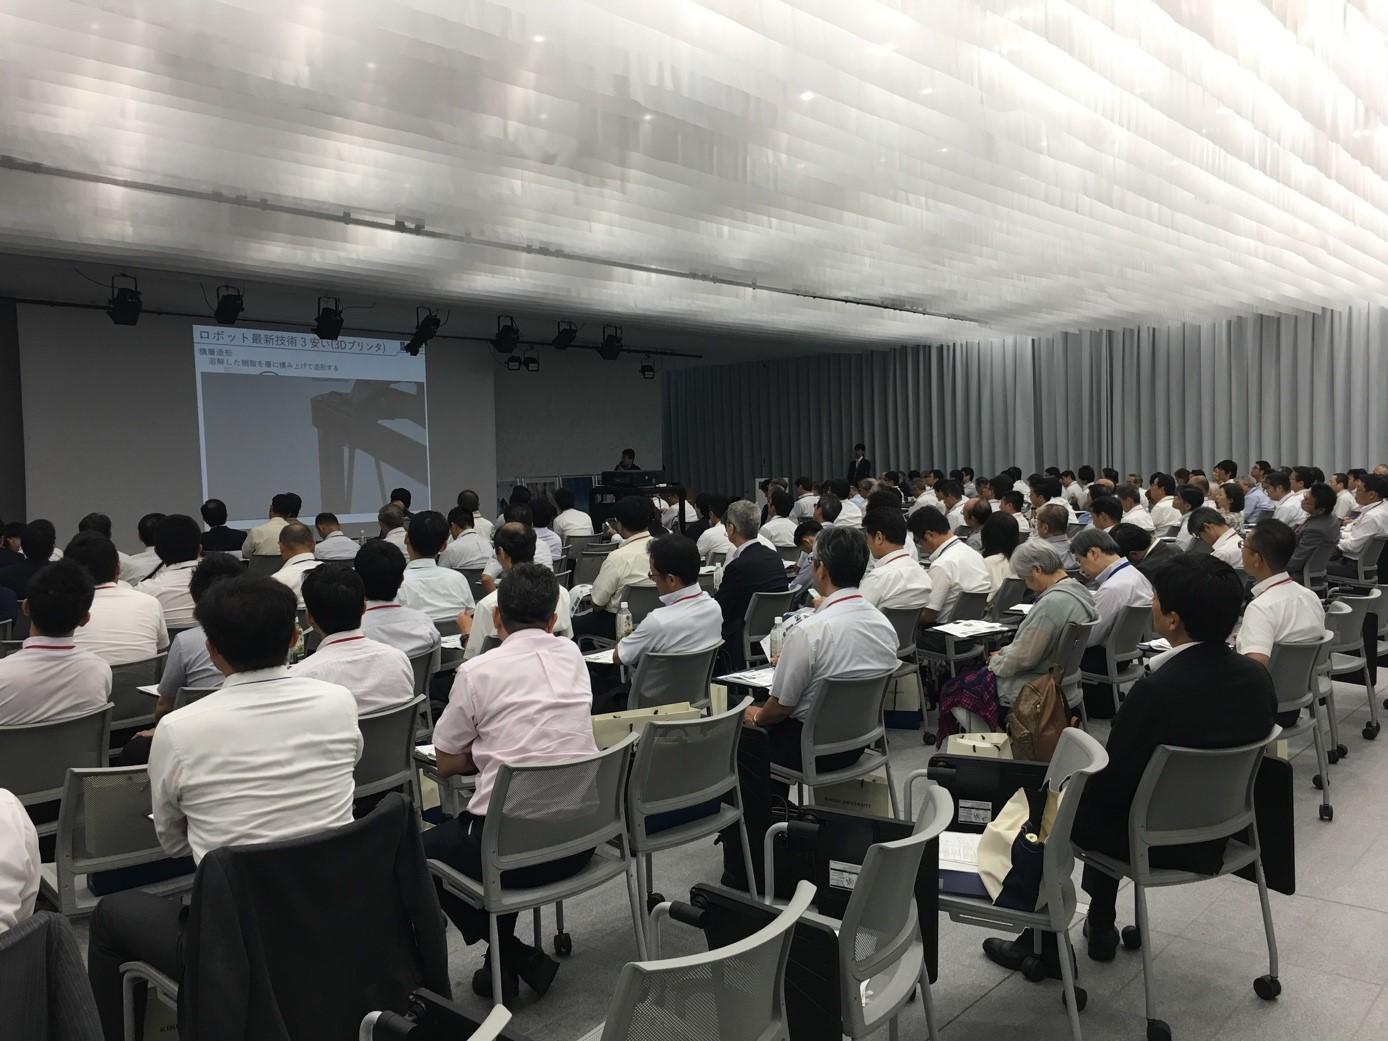 「近畿大学研究シーズ発表会」を開催 関西における産学連携活動のさらなる発展に向けて